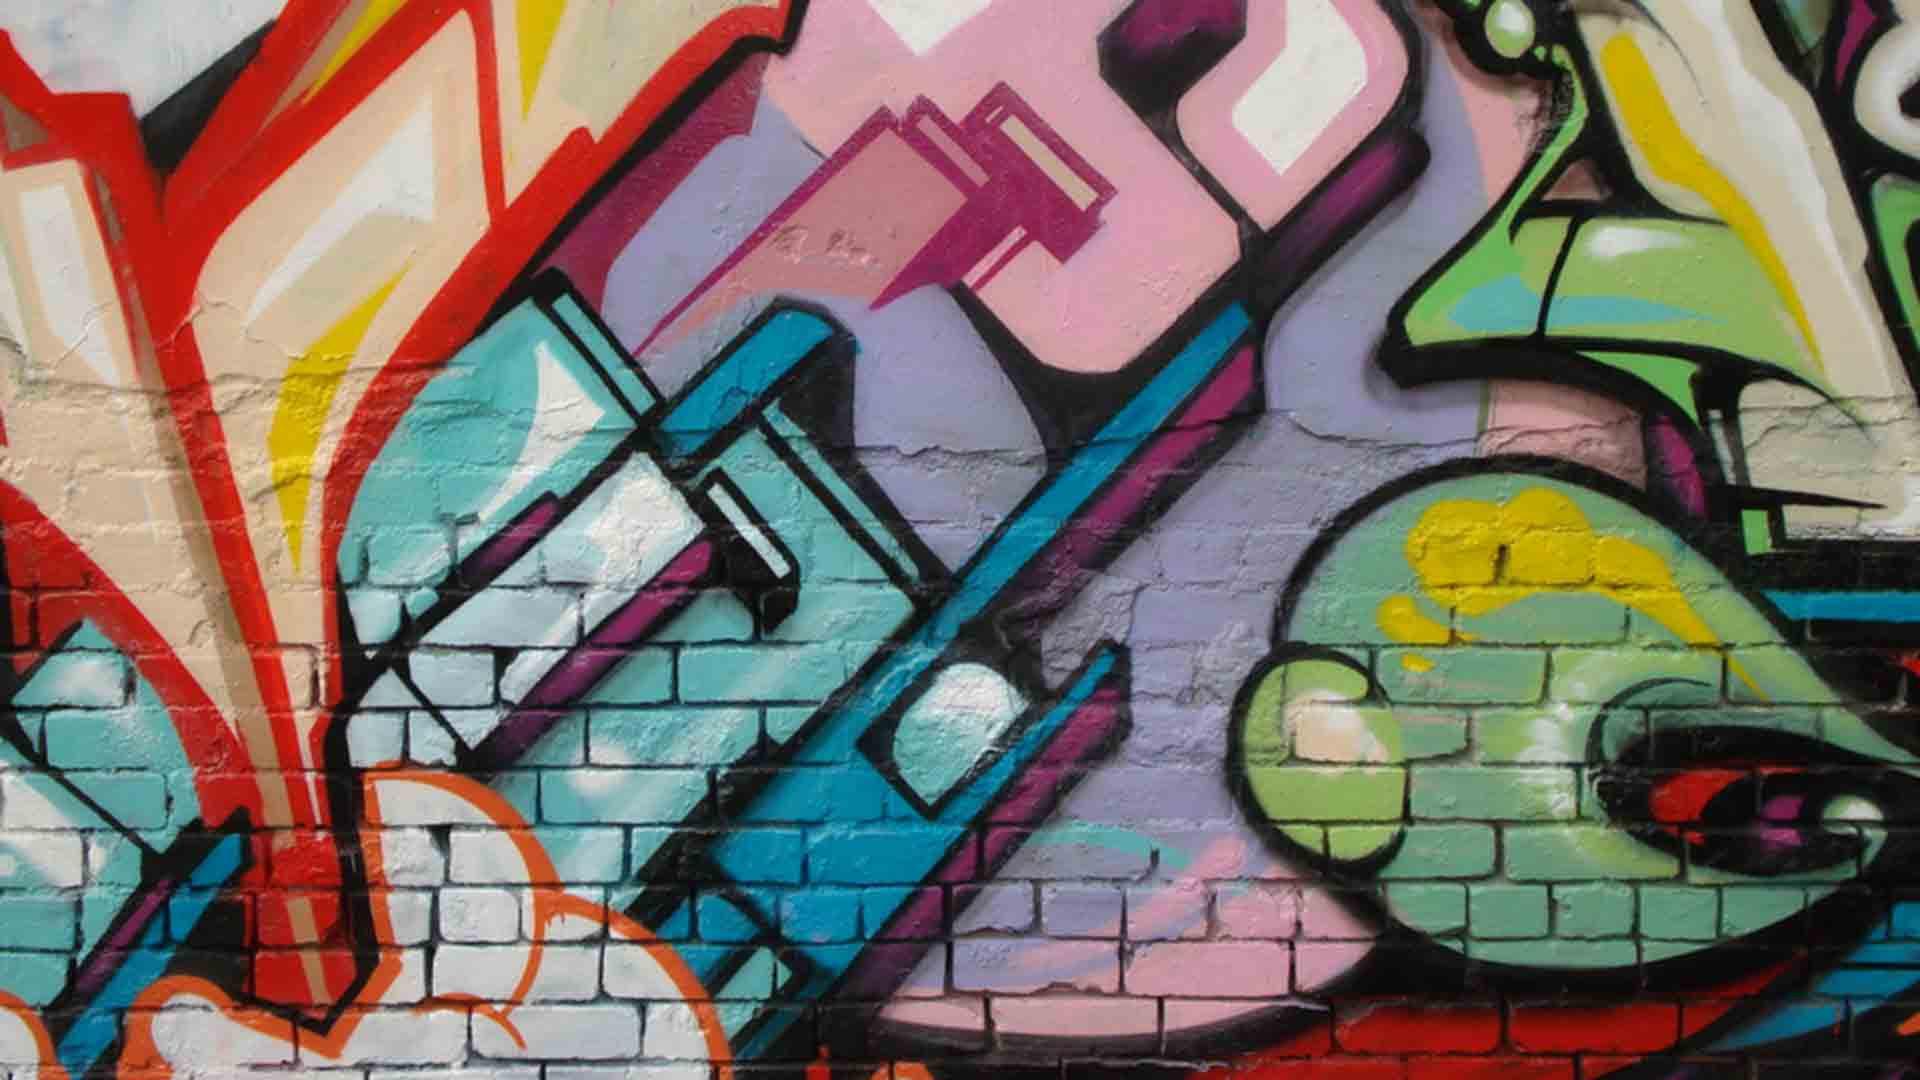 Res: 1920x1080, Ecko Graffiti Wallpaper Wall Graffiti Wallpaper Hd Graffiti Desktop  Wallpapers